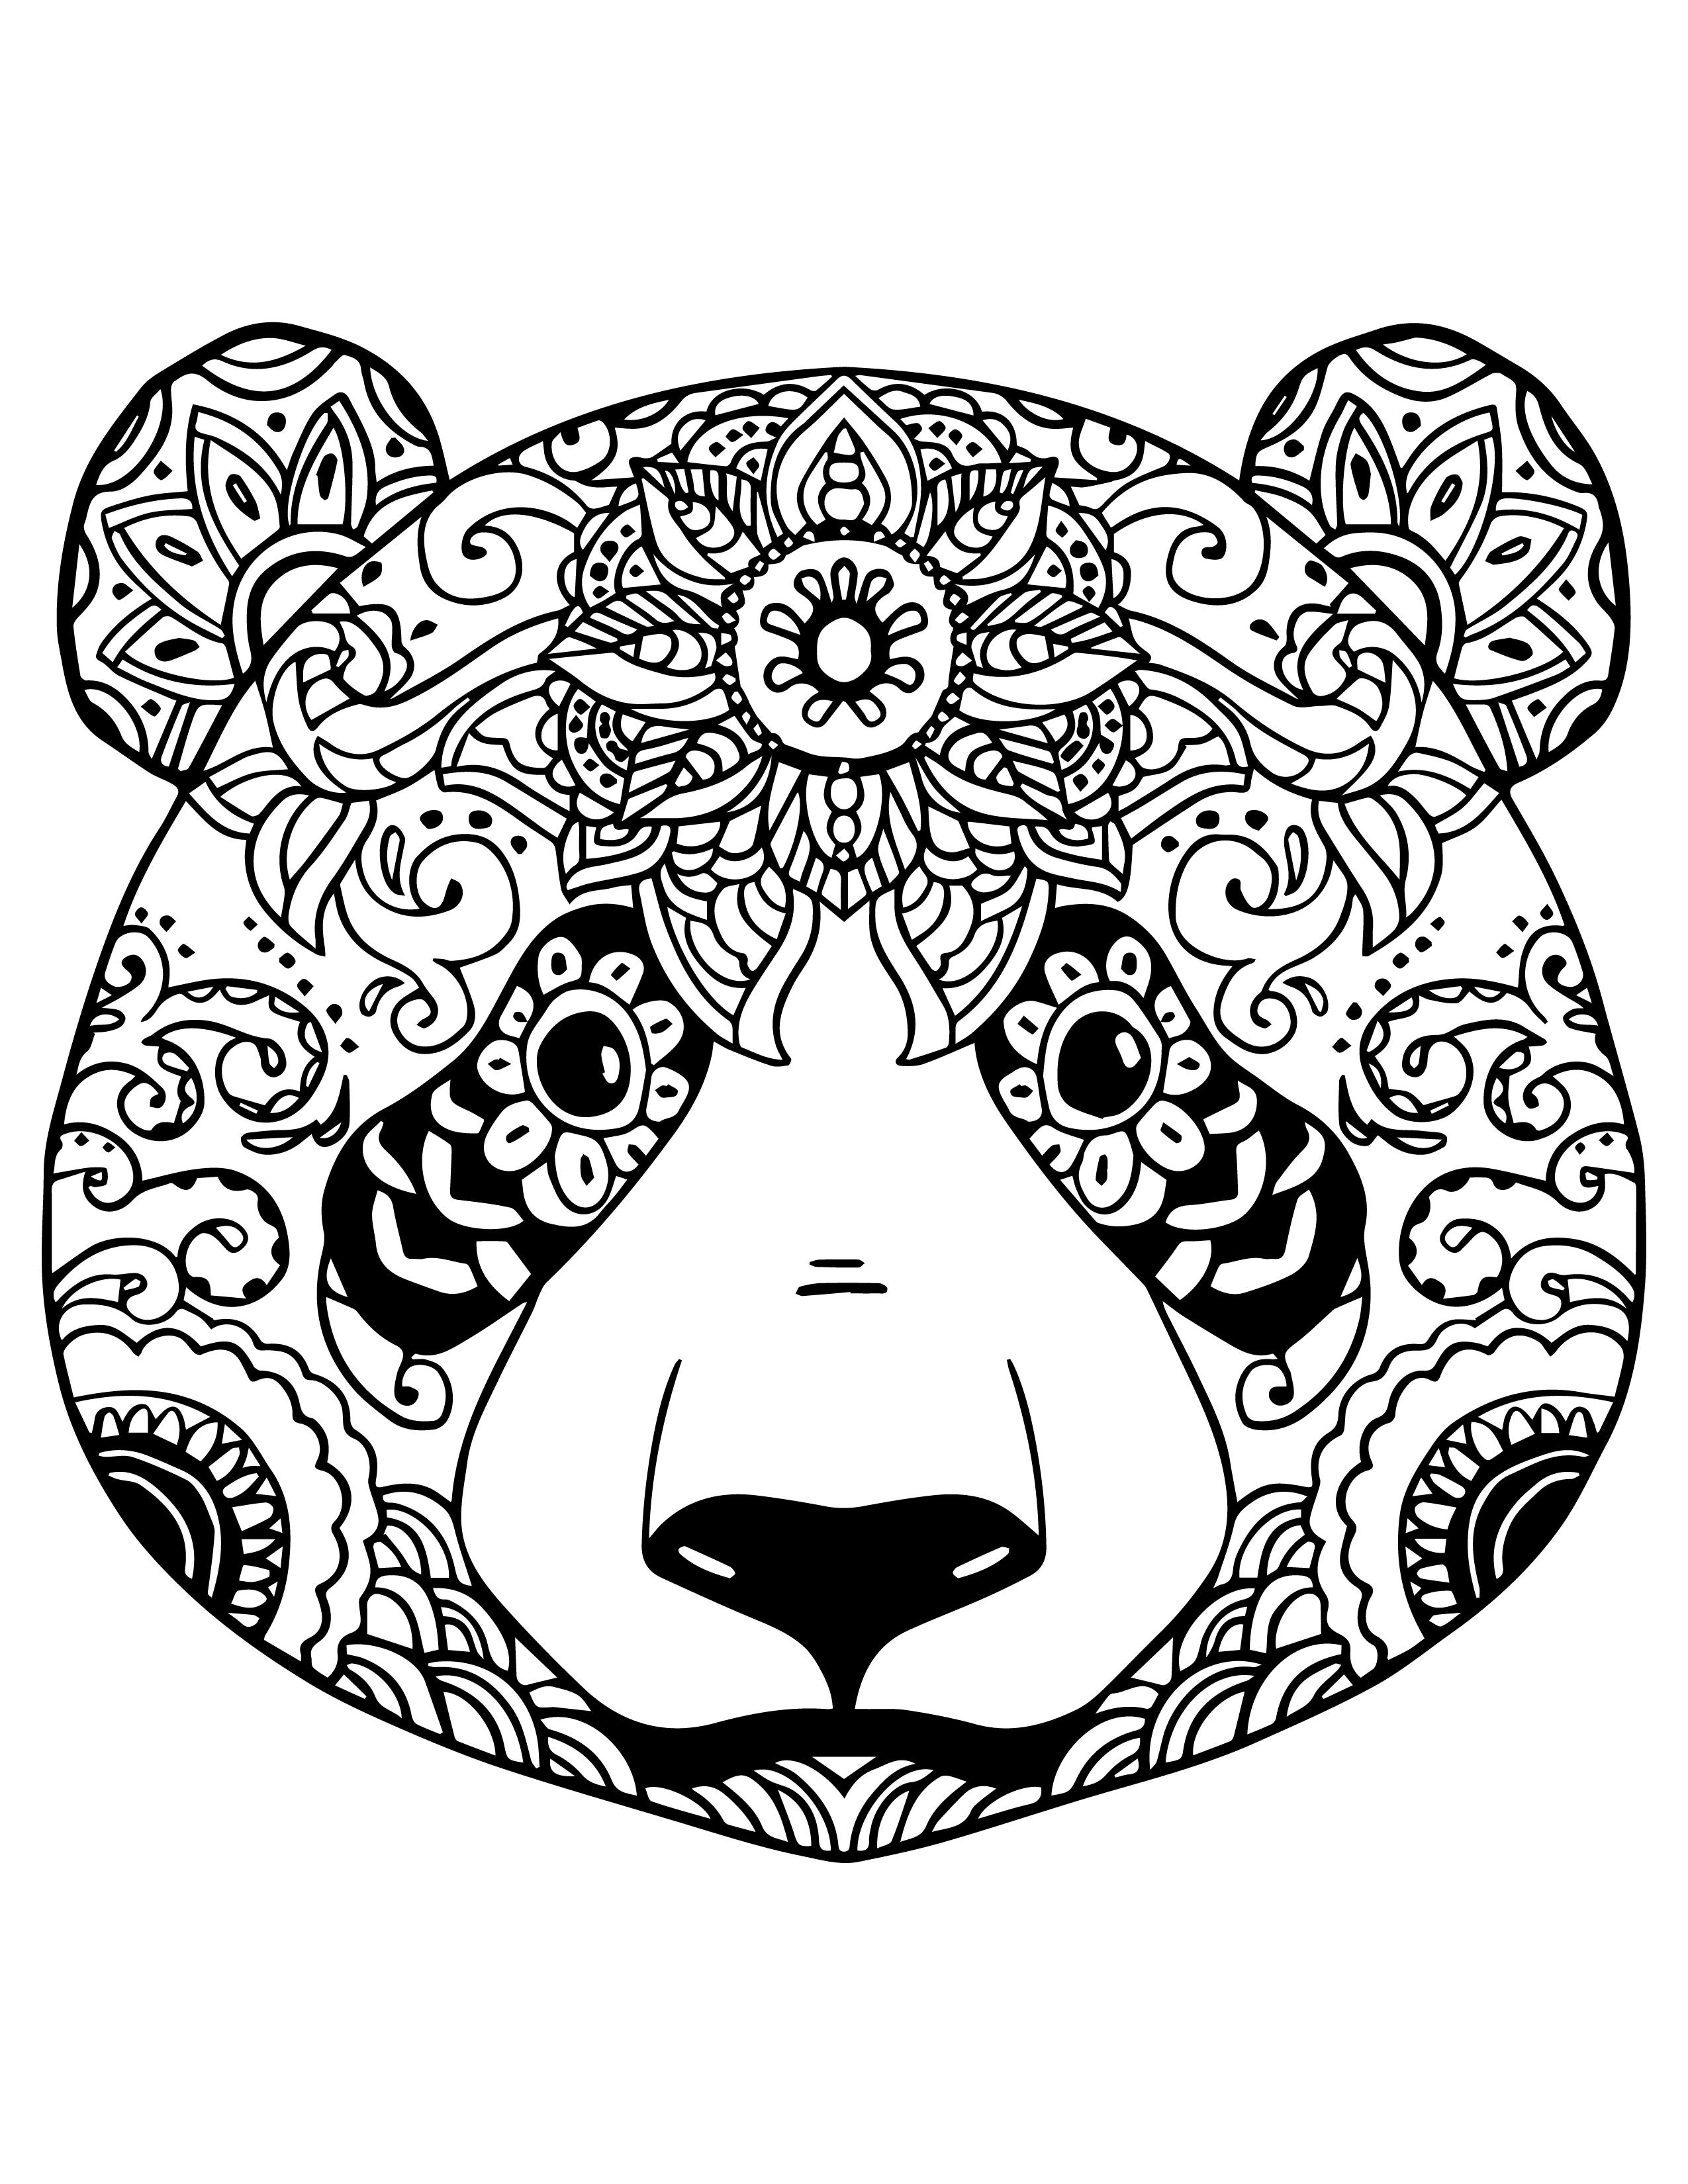 Nouveau Coloriage A Imprimer Mandala Animaux Gratuit